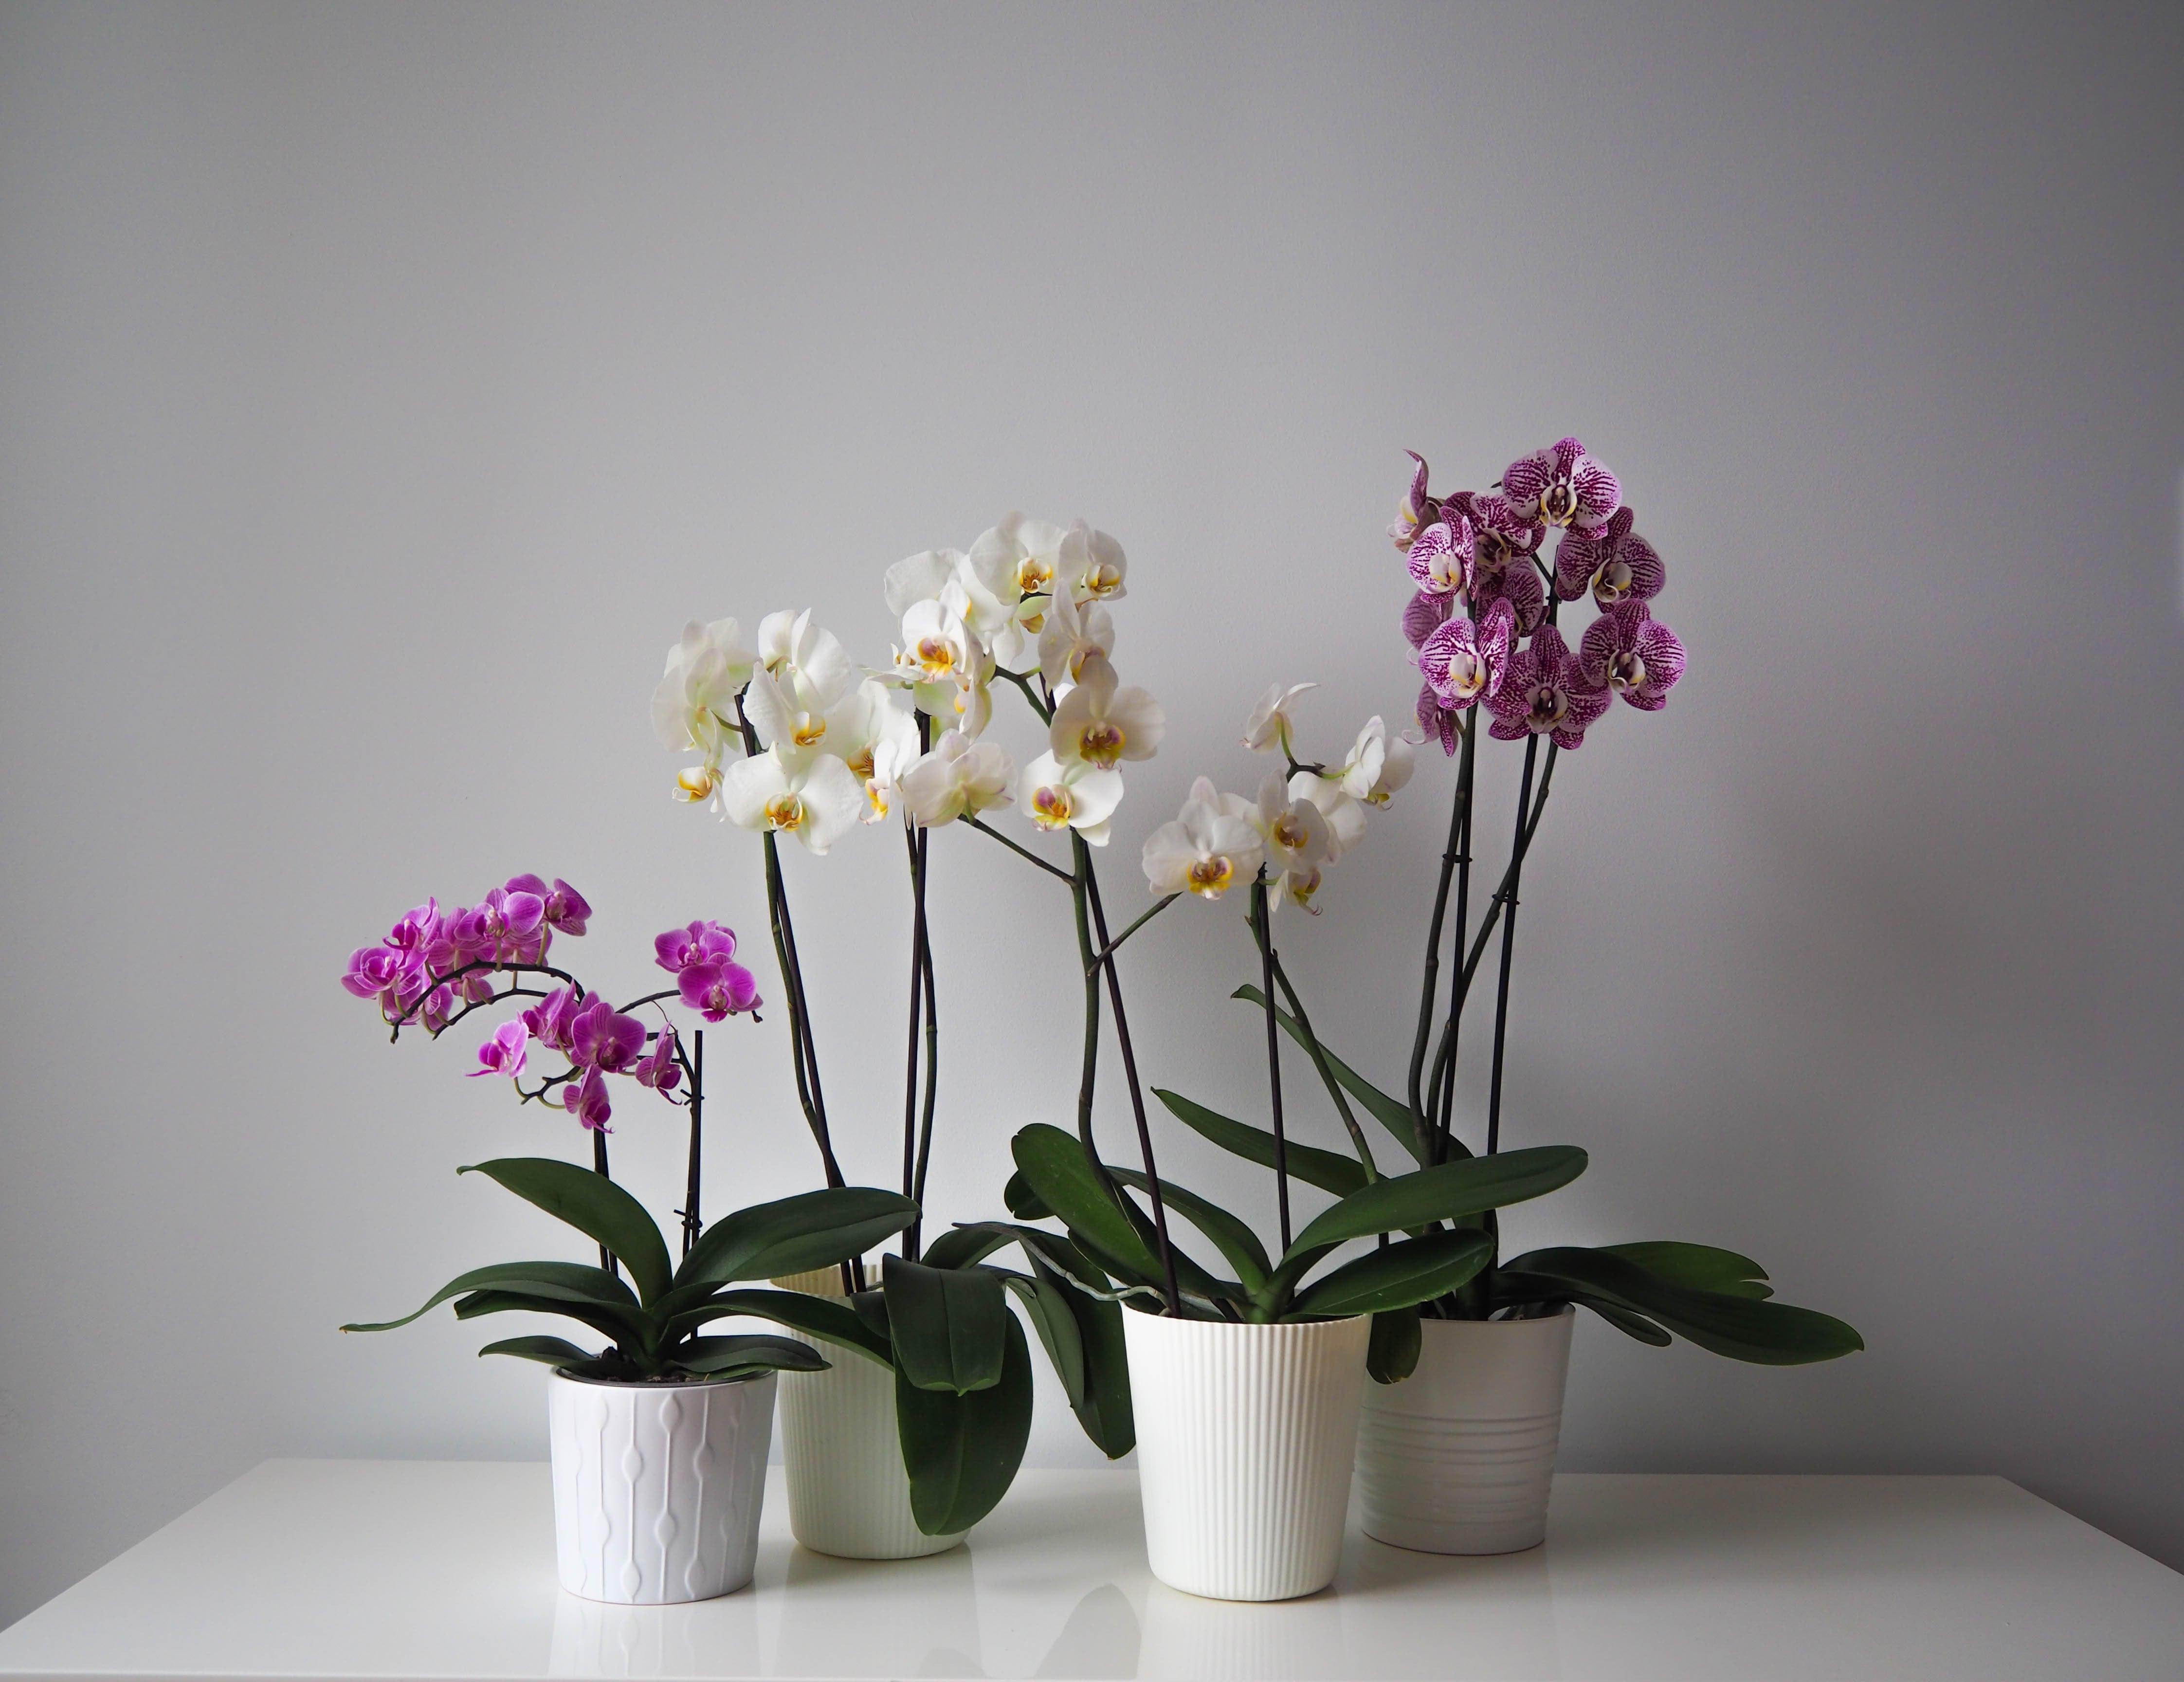 胡蝶蘭の鉢植え3つ